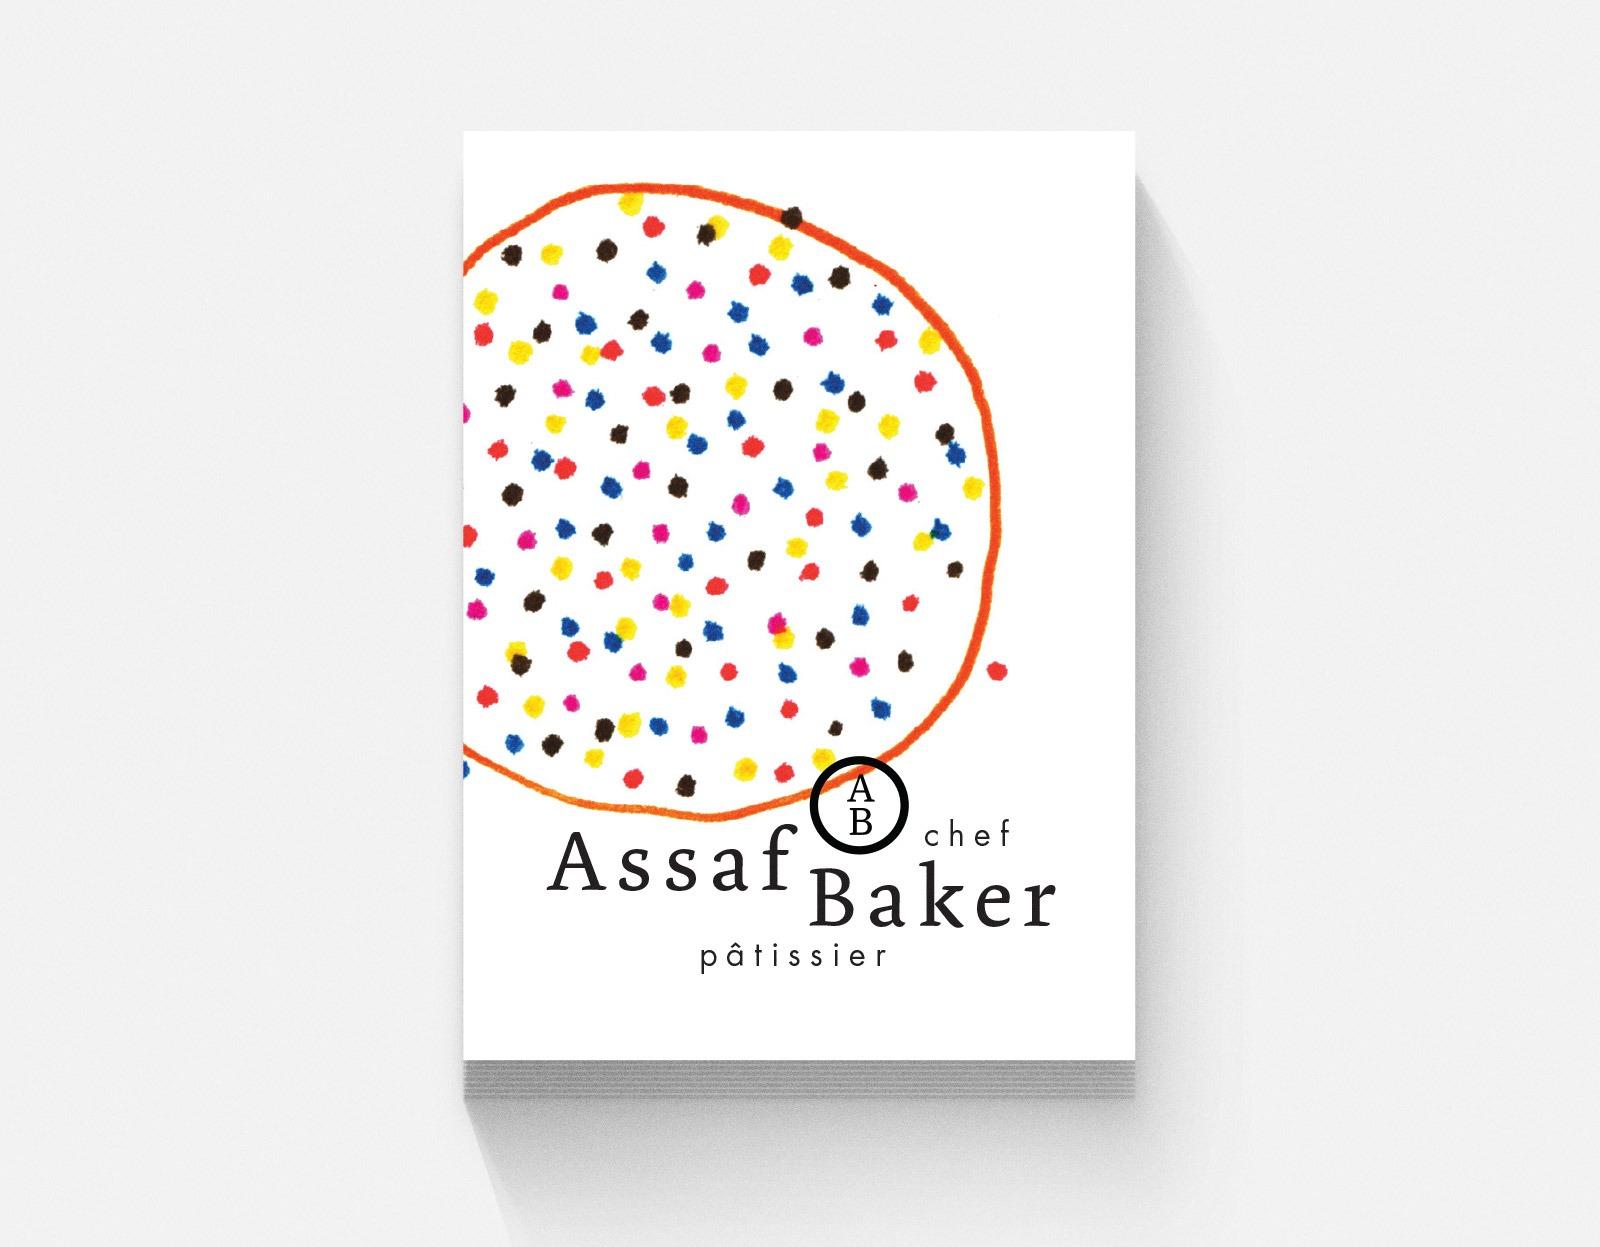 Assaf Baker Business card